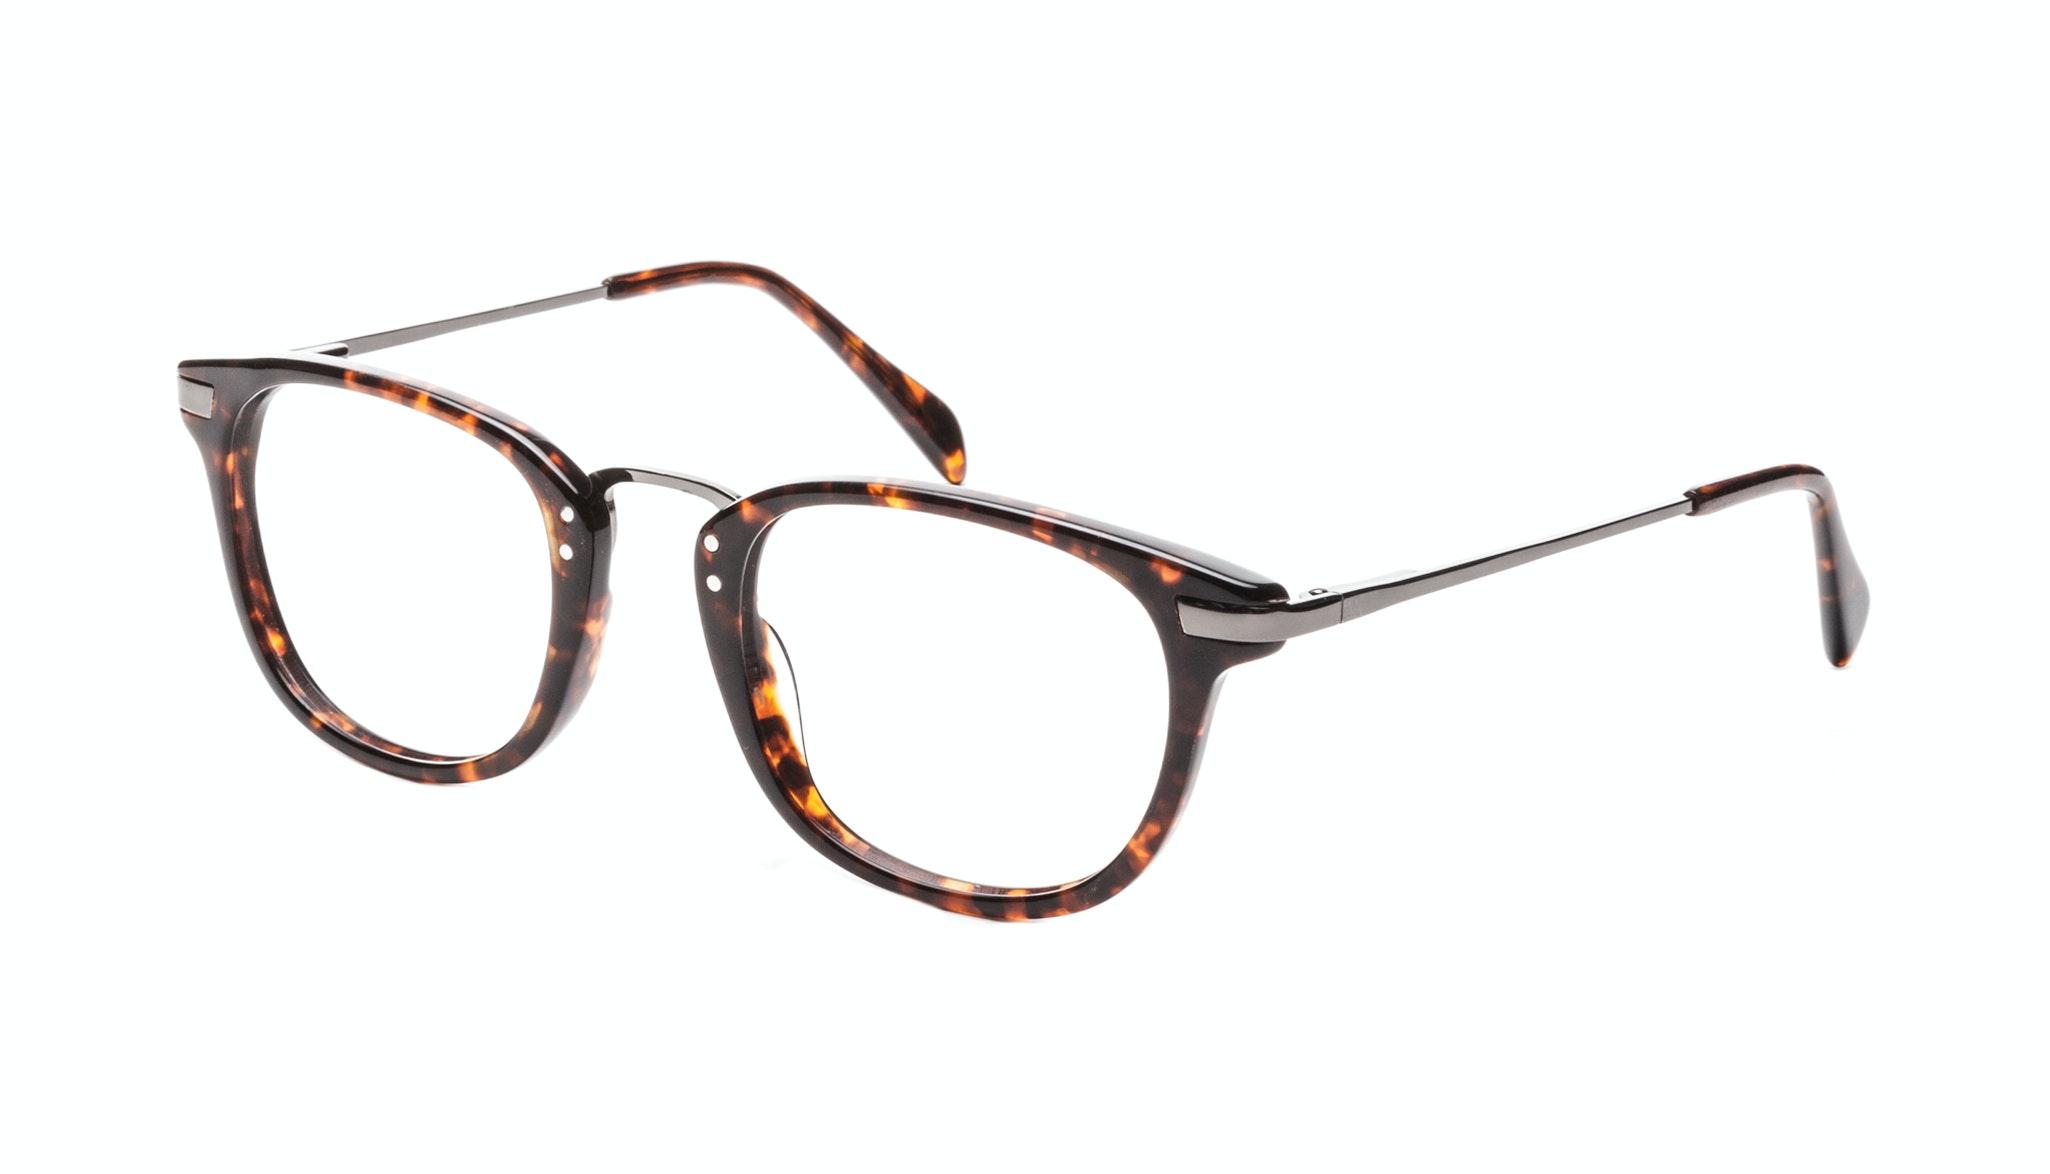 Affordable Fashion Glasses Rectangle Eyeglasses Men Women Daze Sepia Tilt